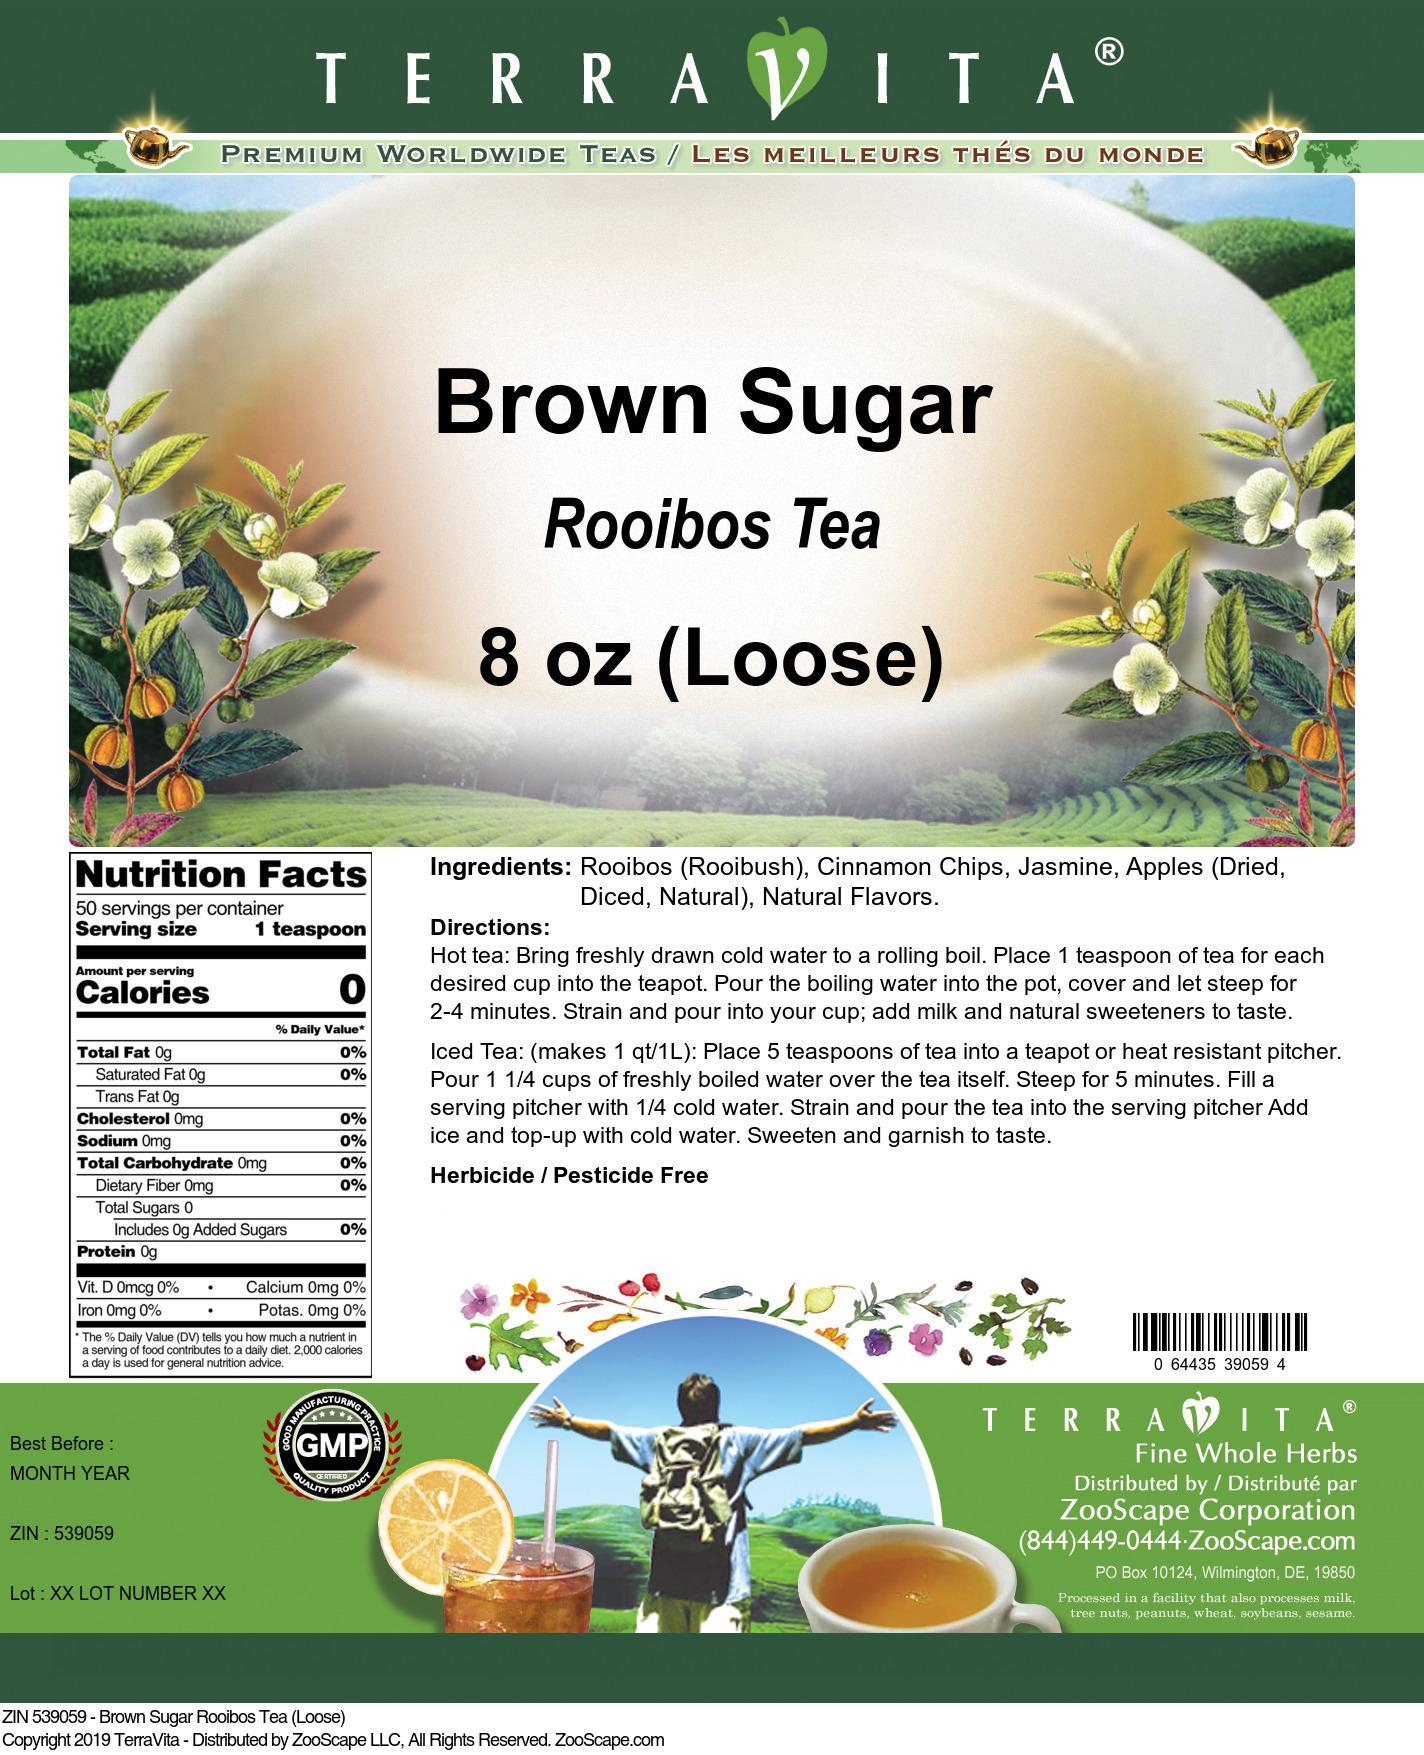 Brown Sugar Rooibos Tea (Loose)